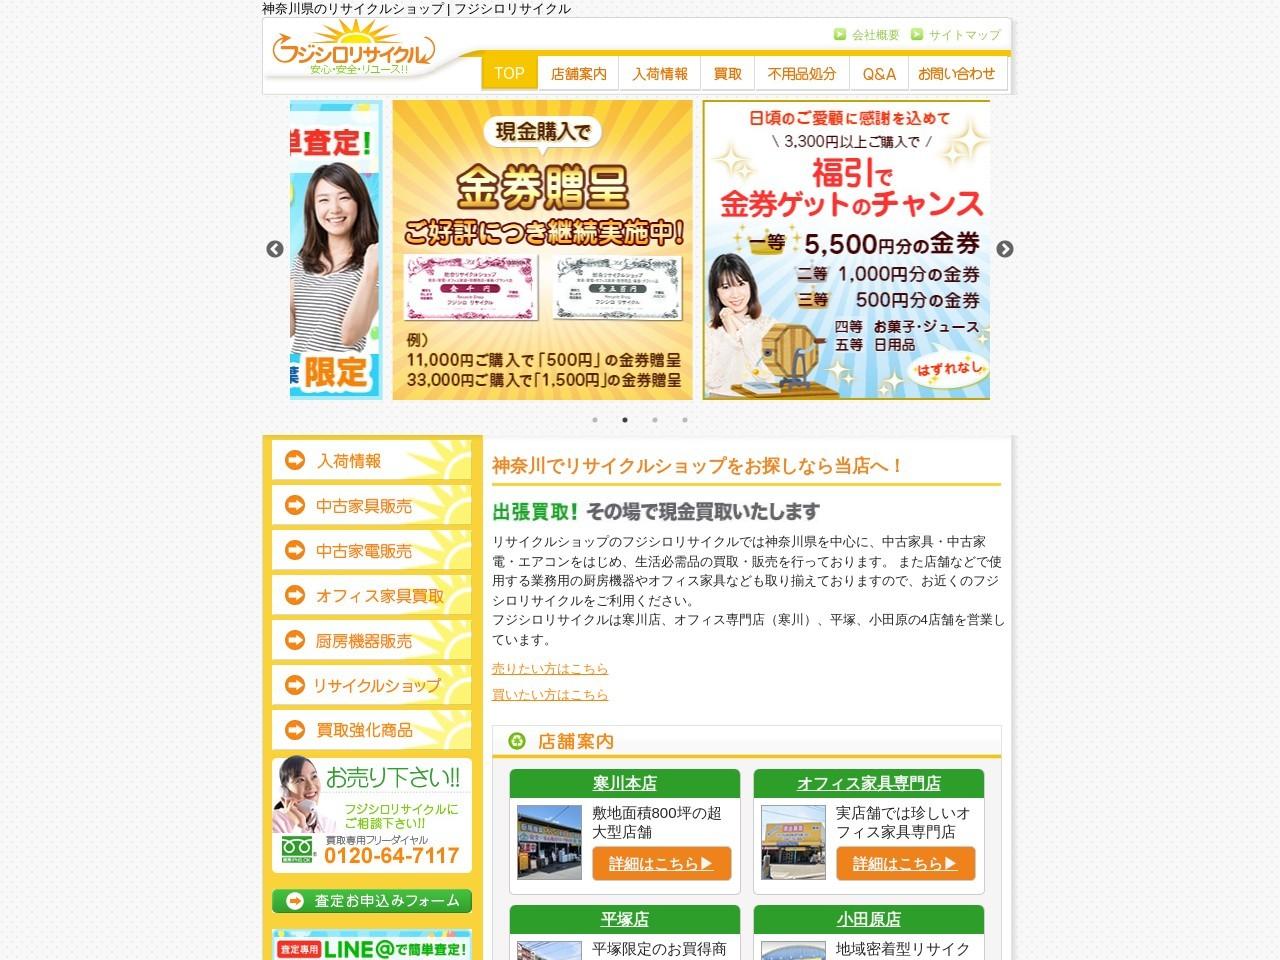 神奈川県-リサイクルショップ|無料出張査定、即現金買取! 年中無休で対応